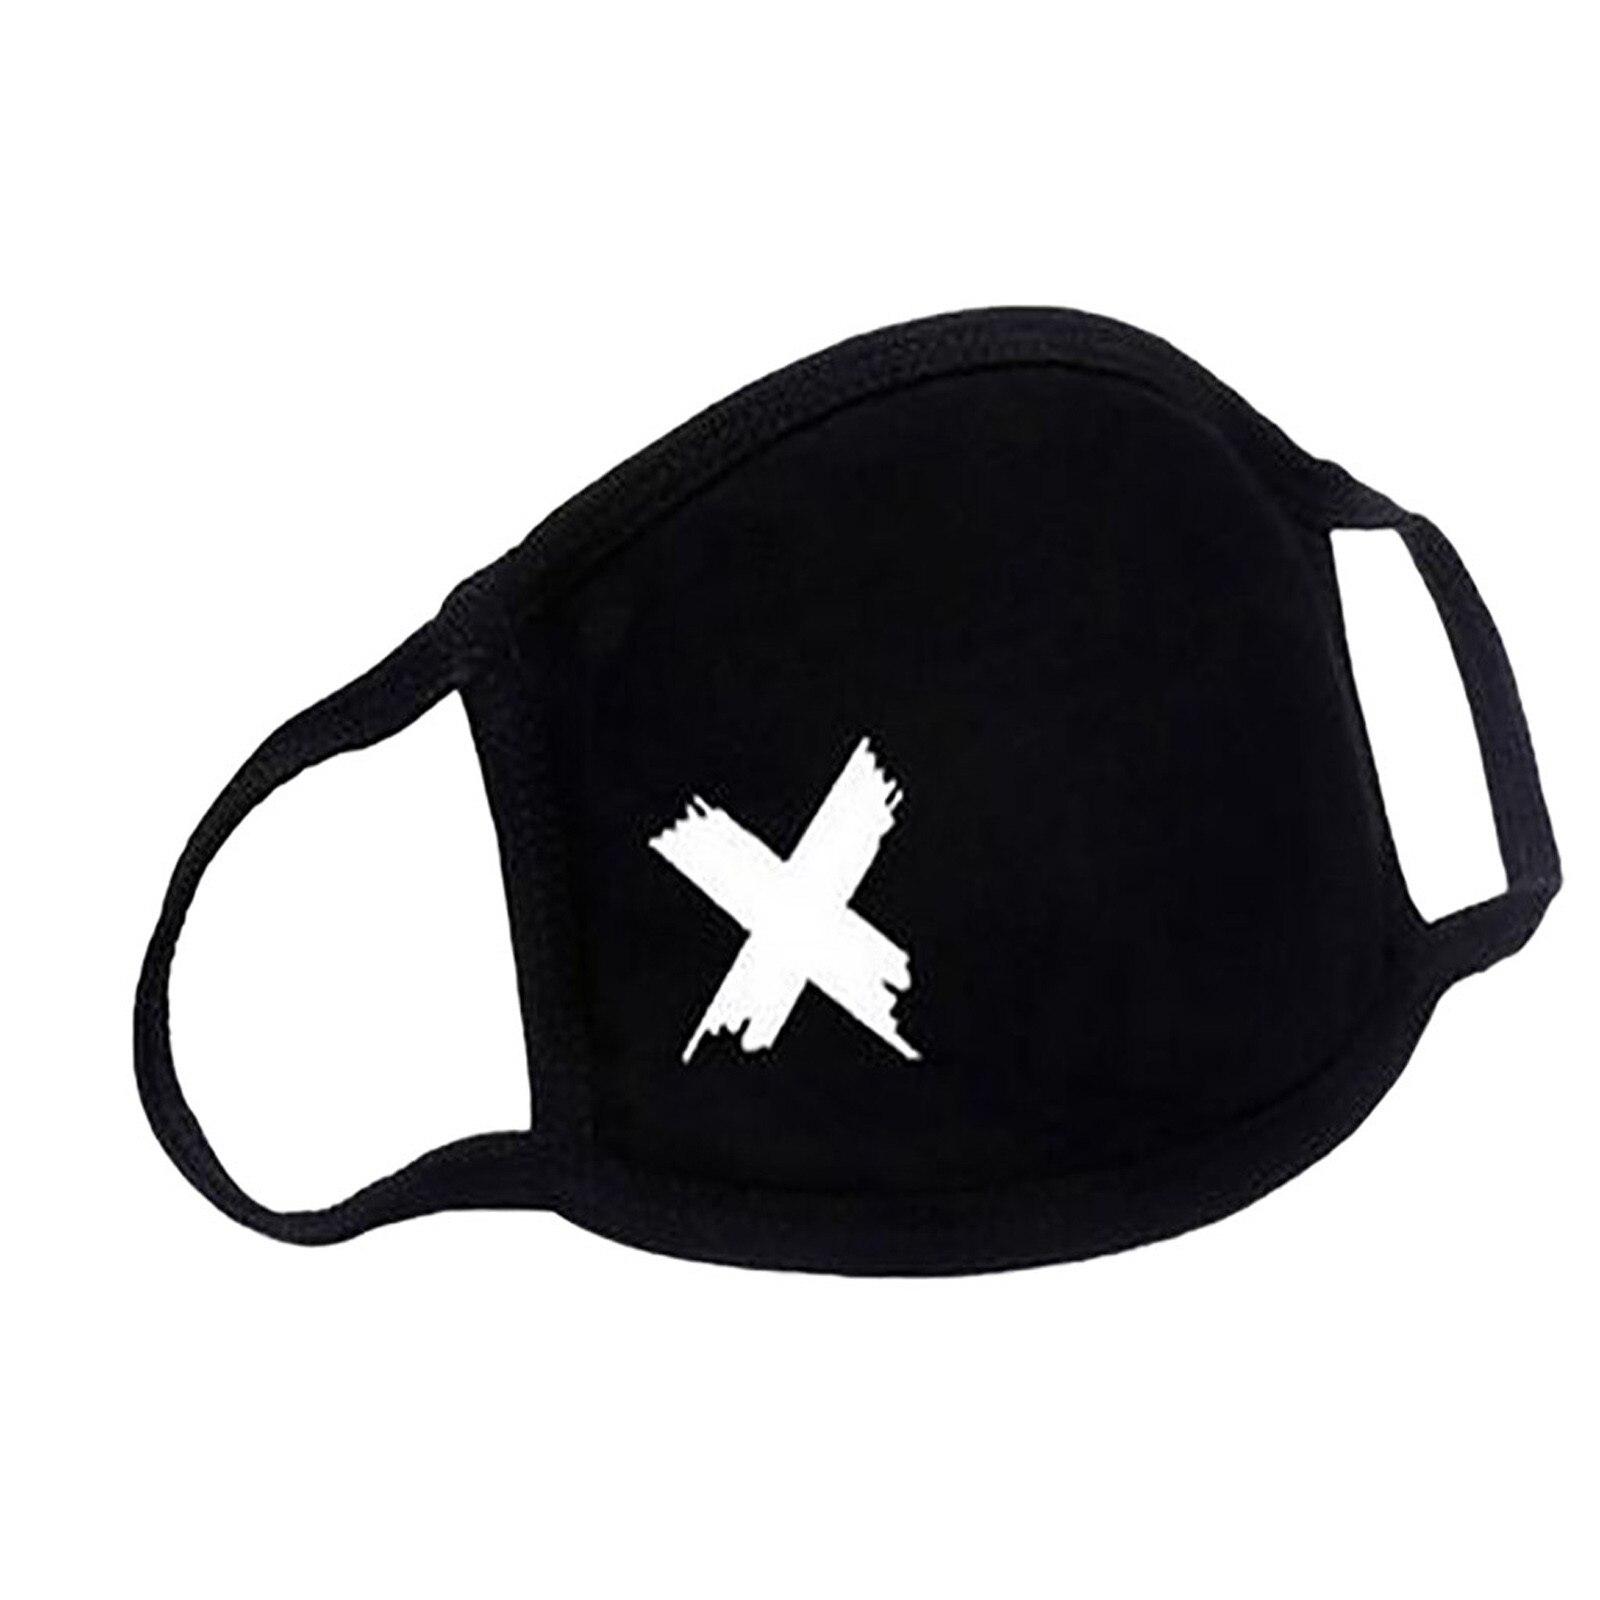 Adulto ao ar livre máscara de algodão coração impressão máscara facial à prova de poeira ajustável lavável capa de boca mascarillas ciclismo maske preto # f 5